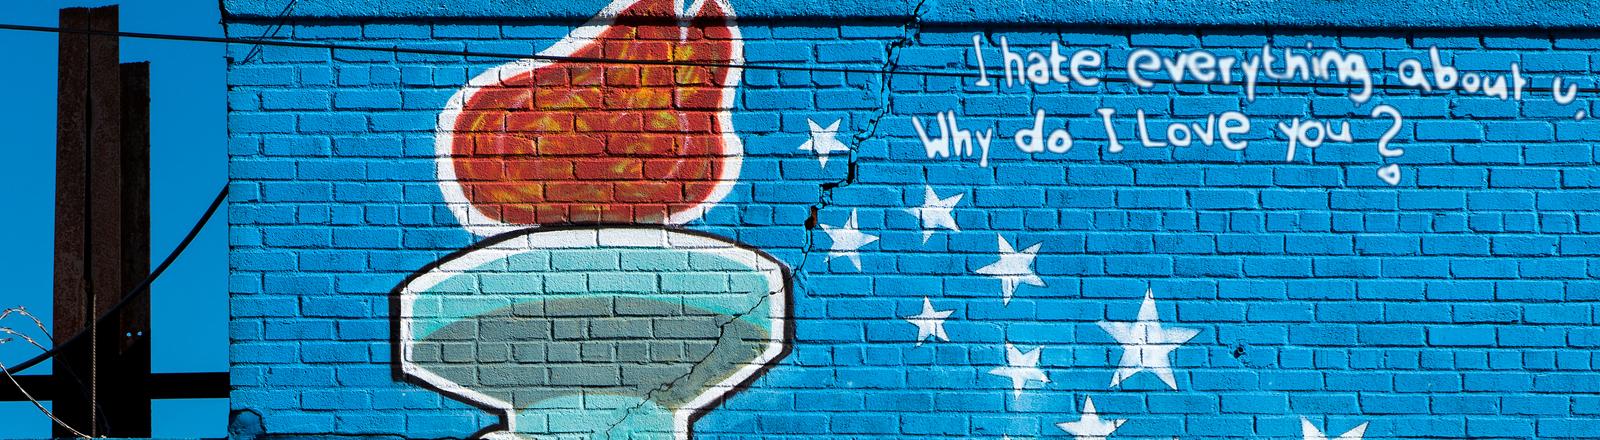 Graffiti von der Freiheitsstatue, daneben der Spruch I hate everything about you, why do I love you?